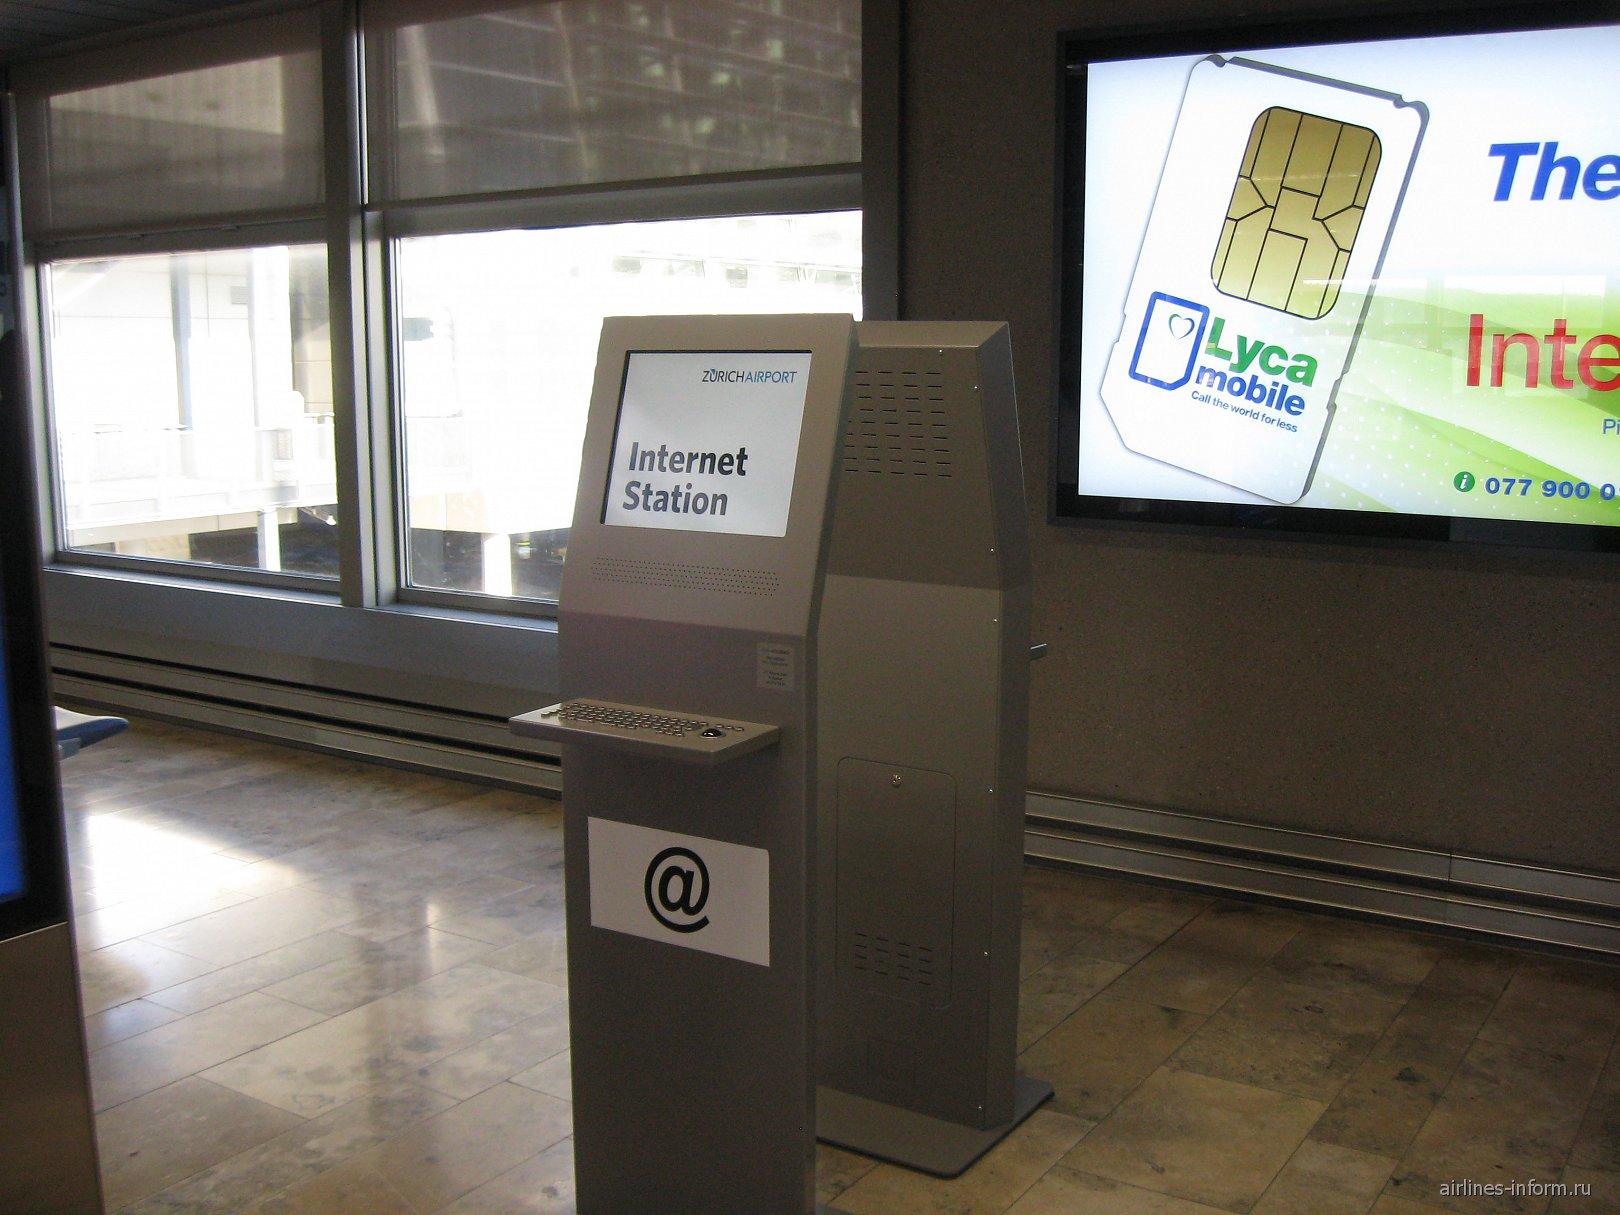 Киоск с доступом в Интернет в аэропорту Цюрих